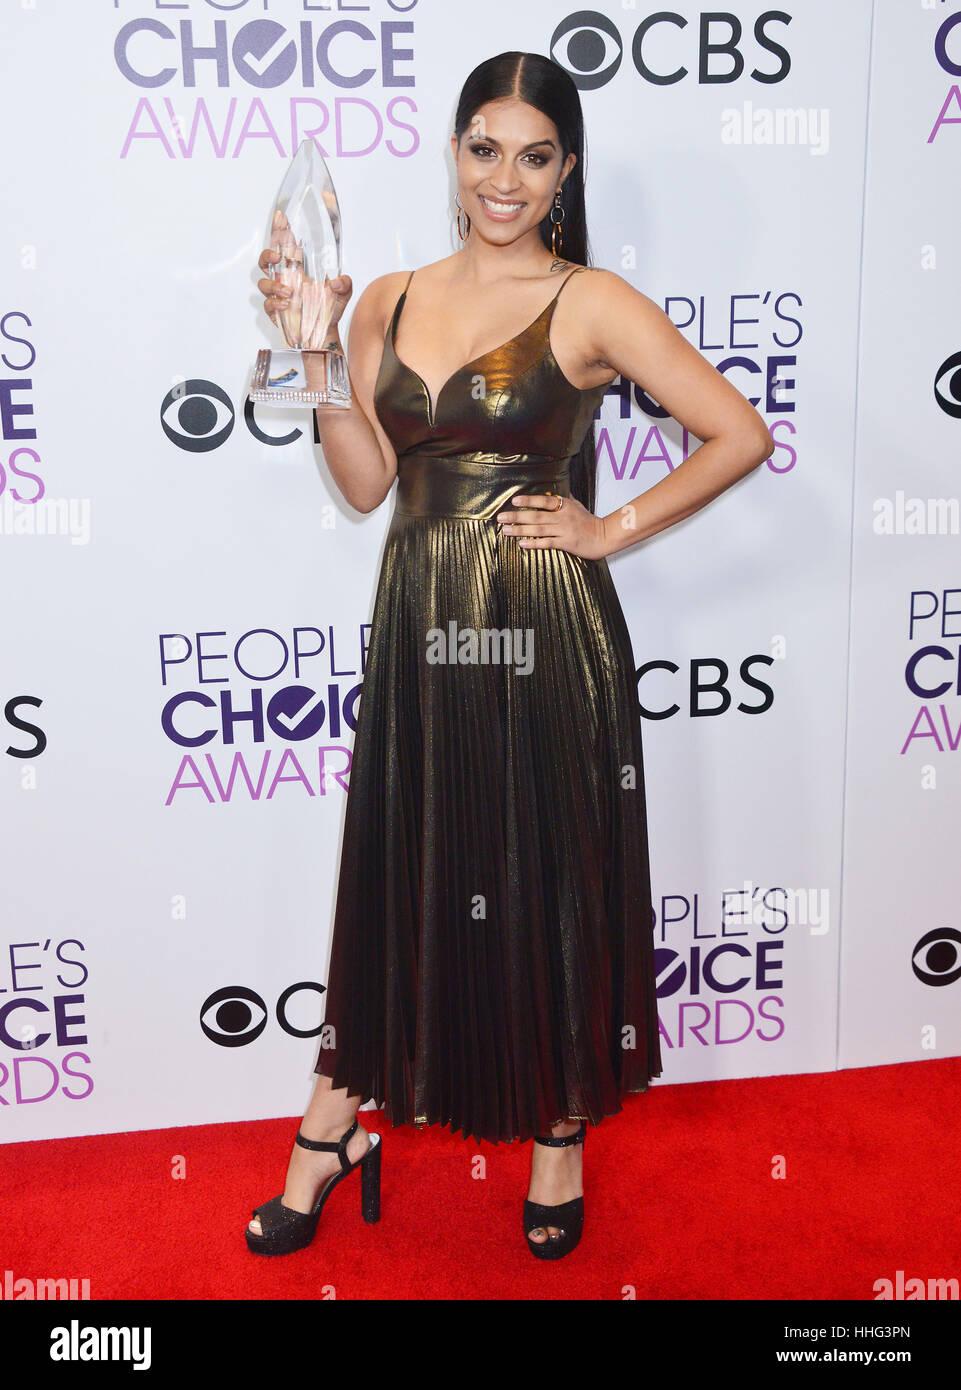 Lilly Singh 269 llegando a los People's Choice Awards 2017 en Microsoft Theatre de Los Angeles. El 18 de enero de Foto de stock